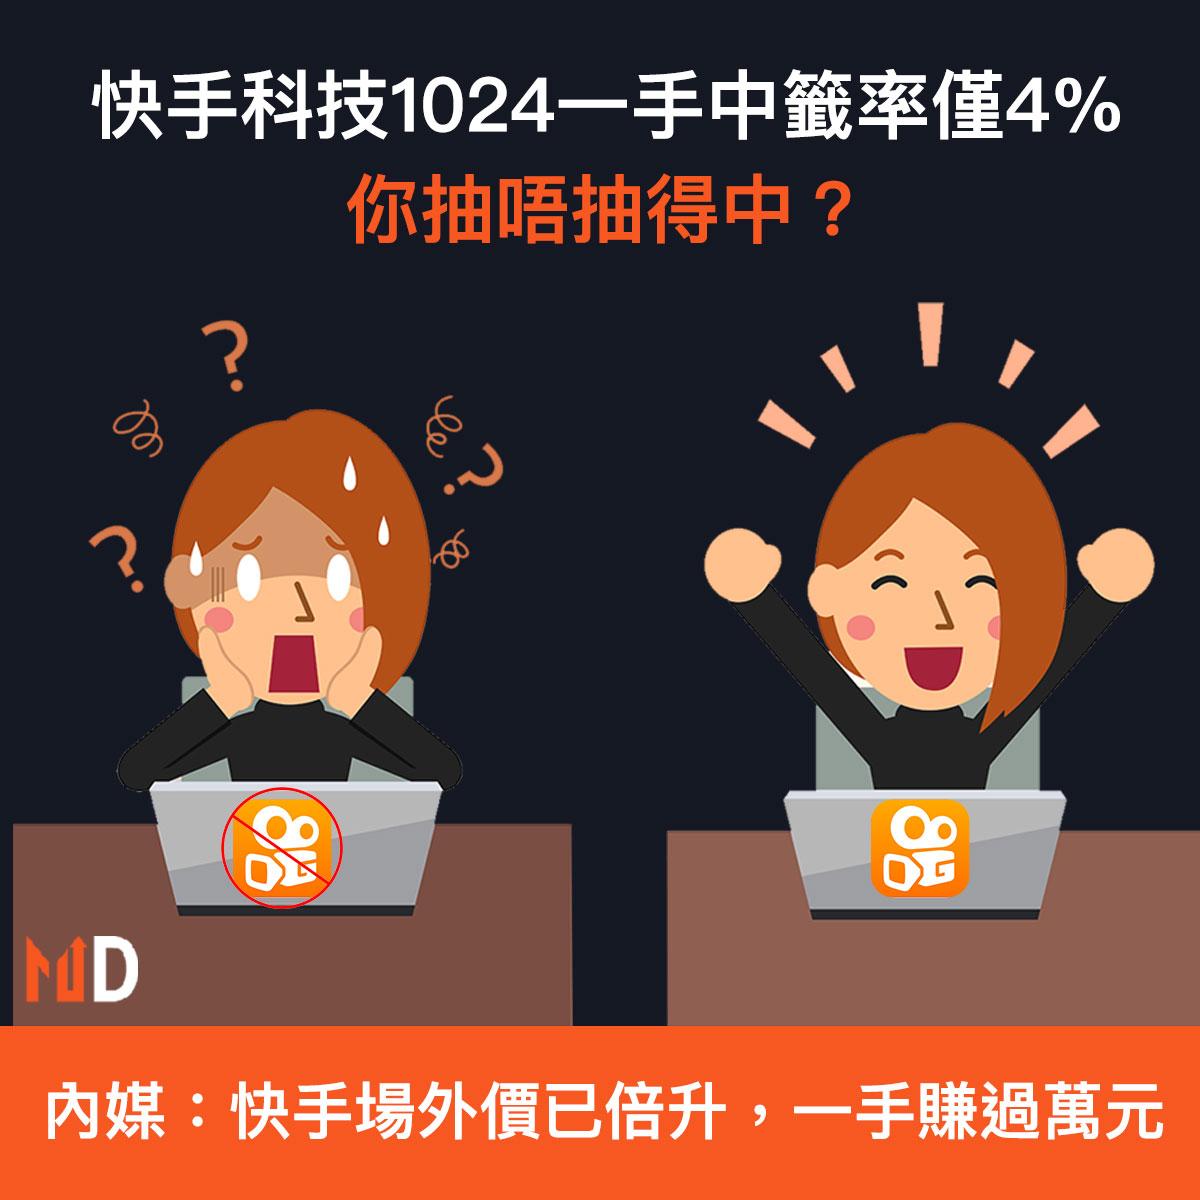 【重點新股】快手科技1024一手中籤率僅4%,你抽唔抽得中?